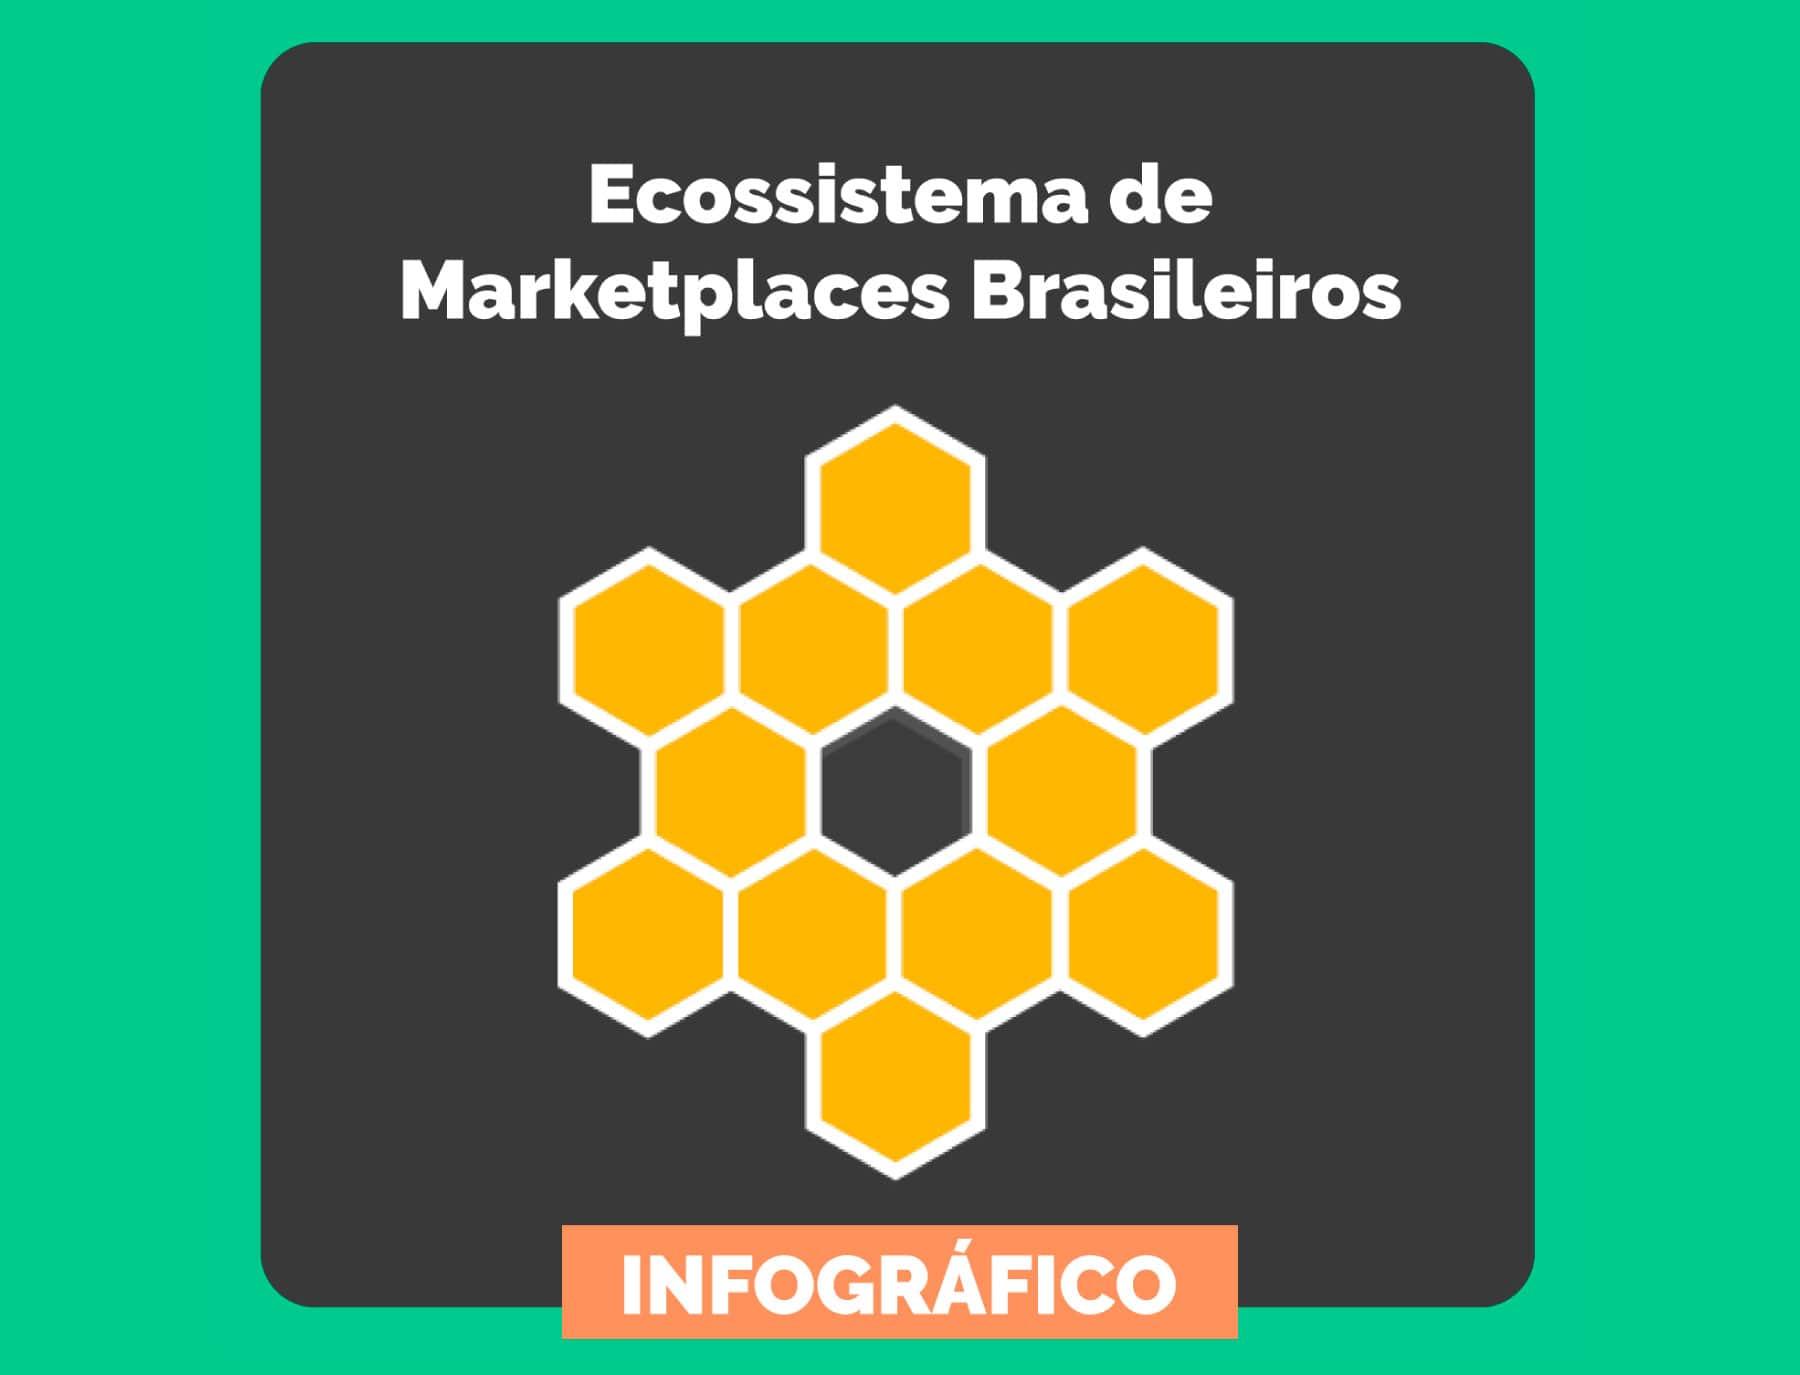 infografico-colmeia-marketplaces-brasileiros